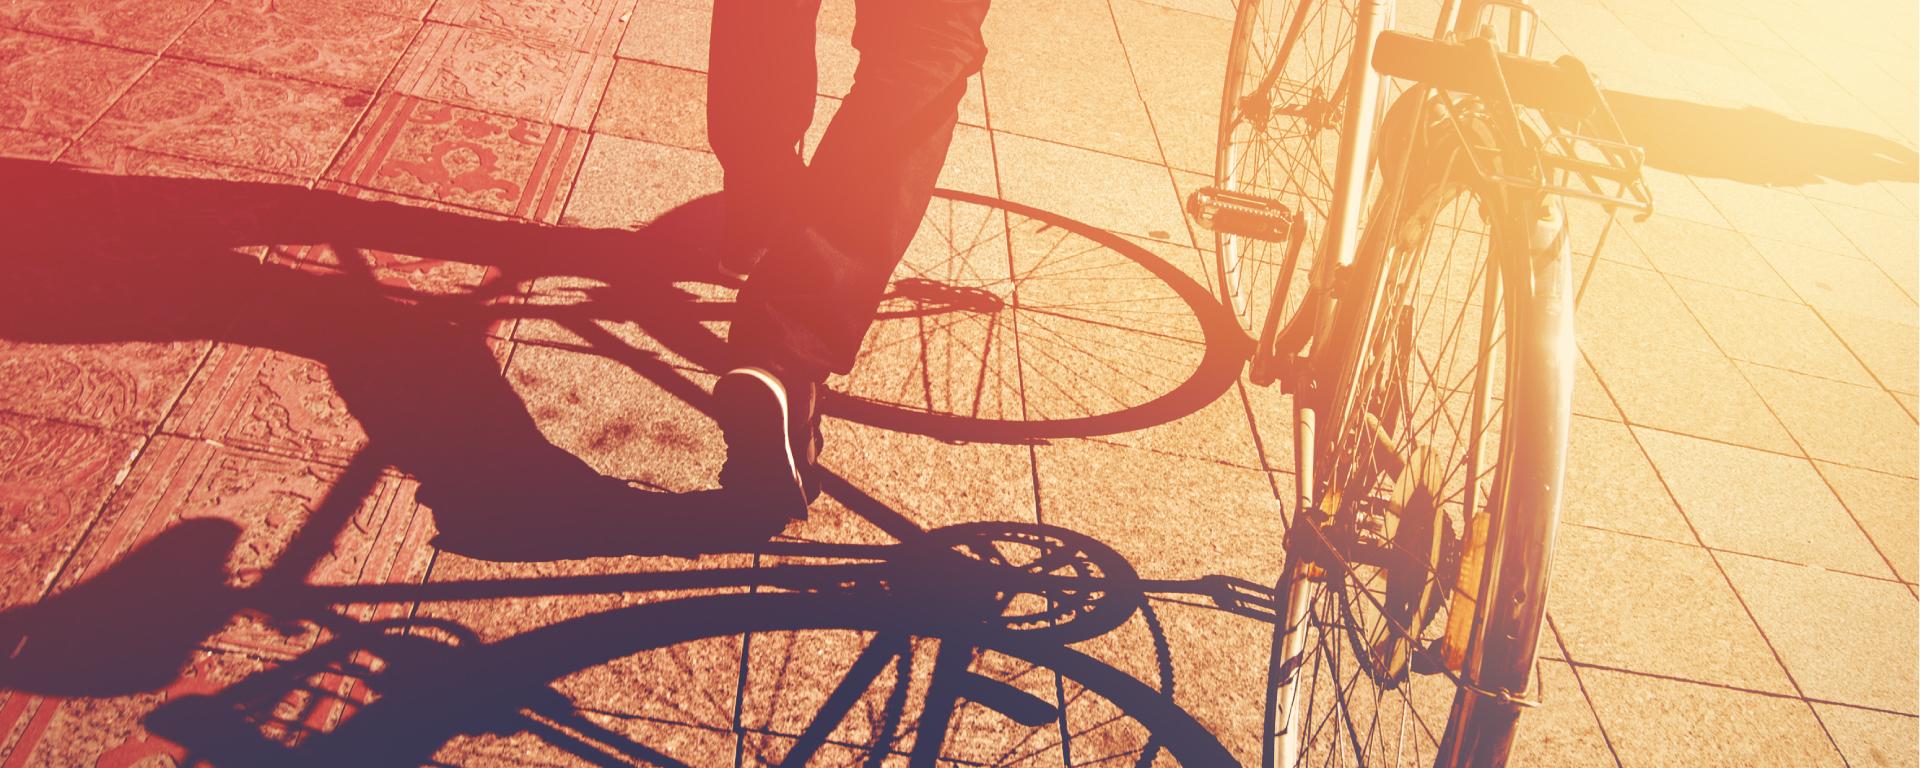 Fietsenbörse – Der Fahrradmarkt